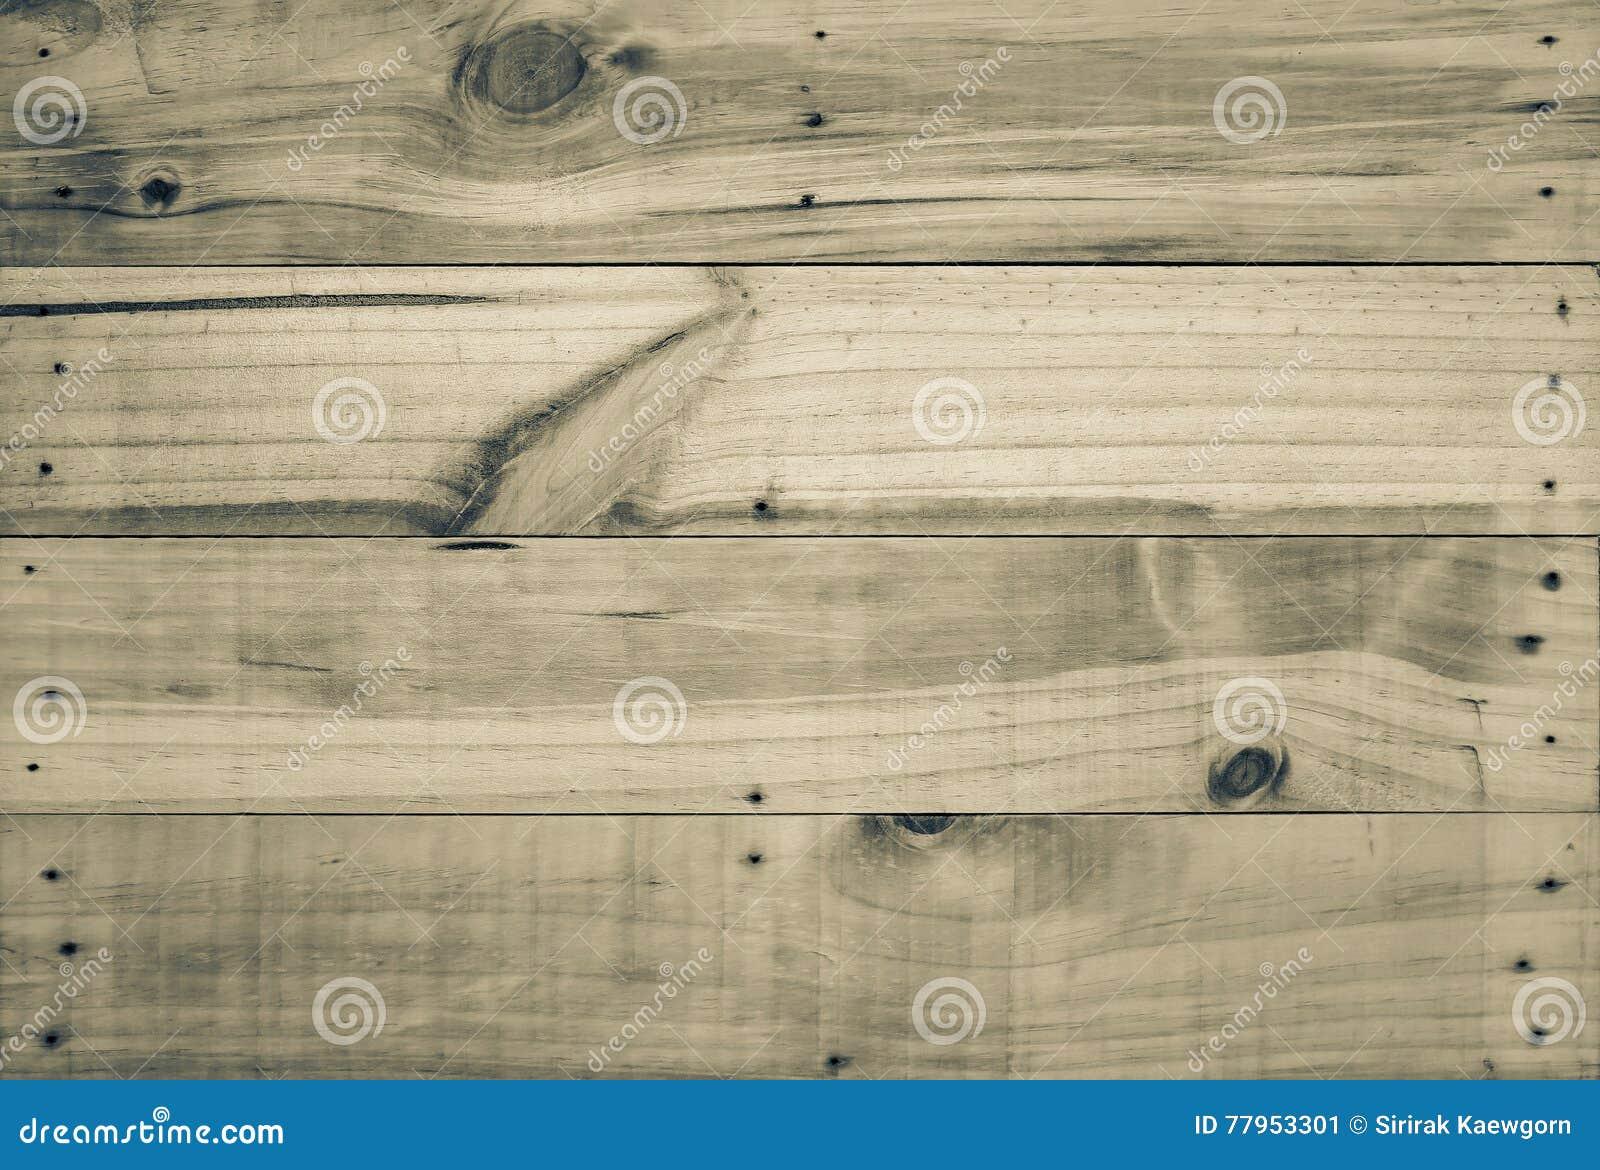 Fußboden Aus Alten Paletten ~ Ideen für kreative verwendung der holz europaletten im garten